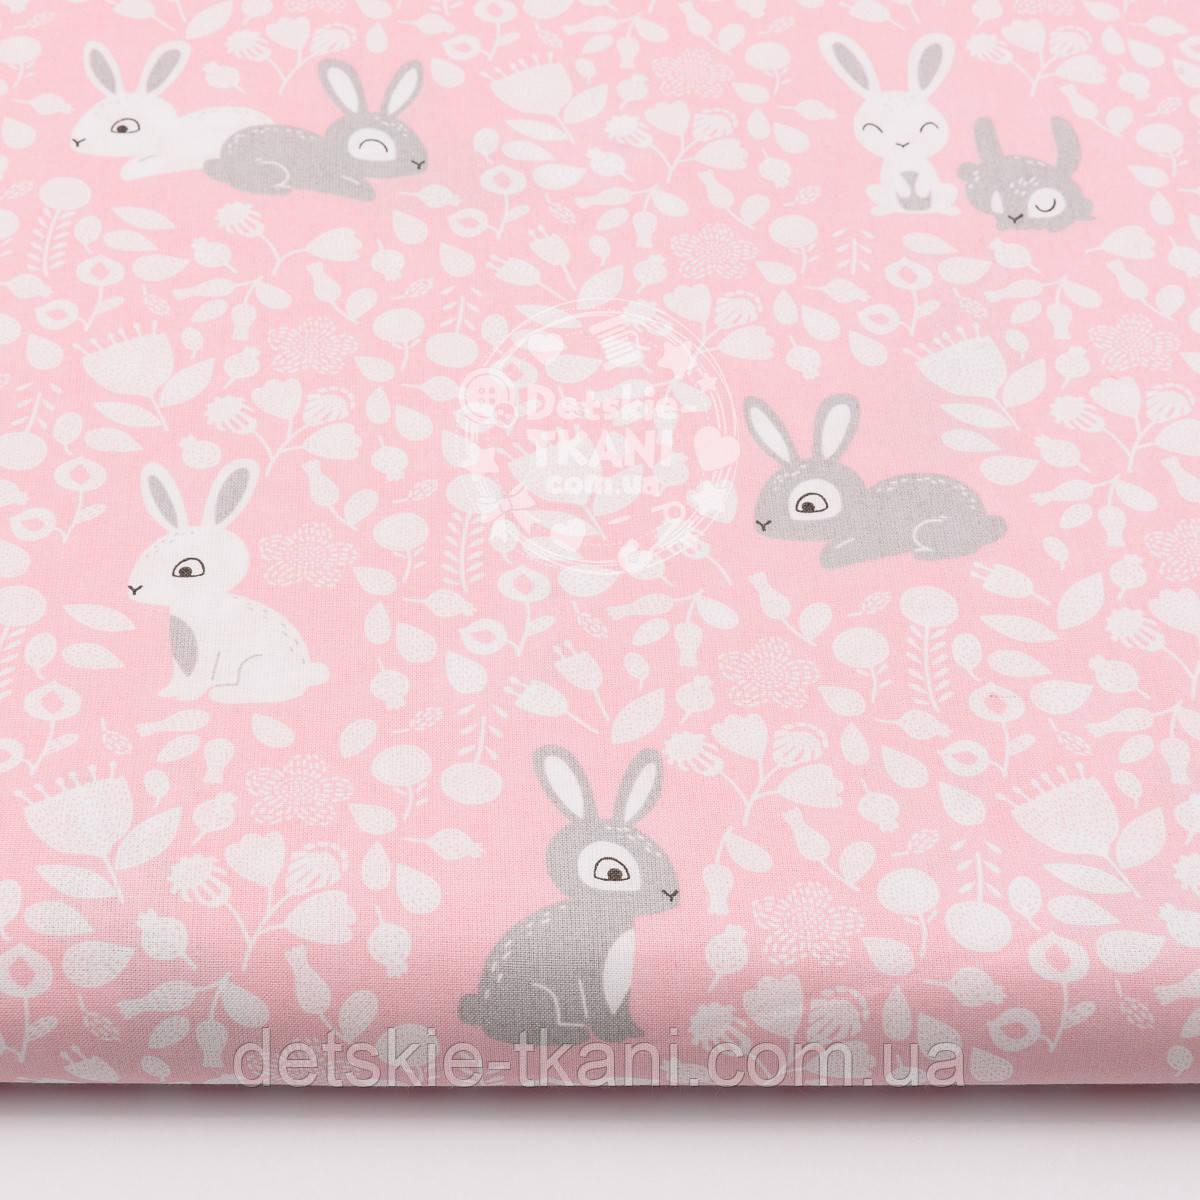 Ткань хлопковая с белыми и серыми кроликами на розовом фоне (№ 1479)